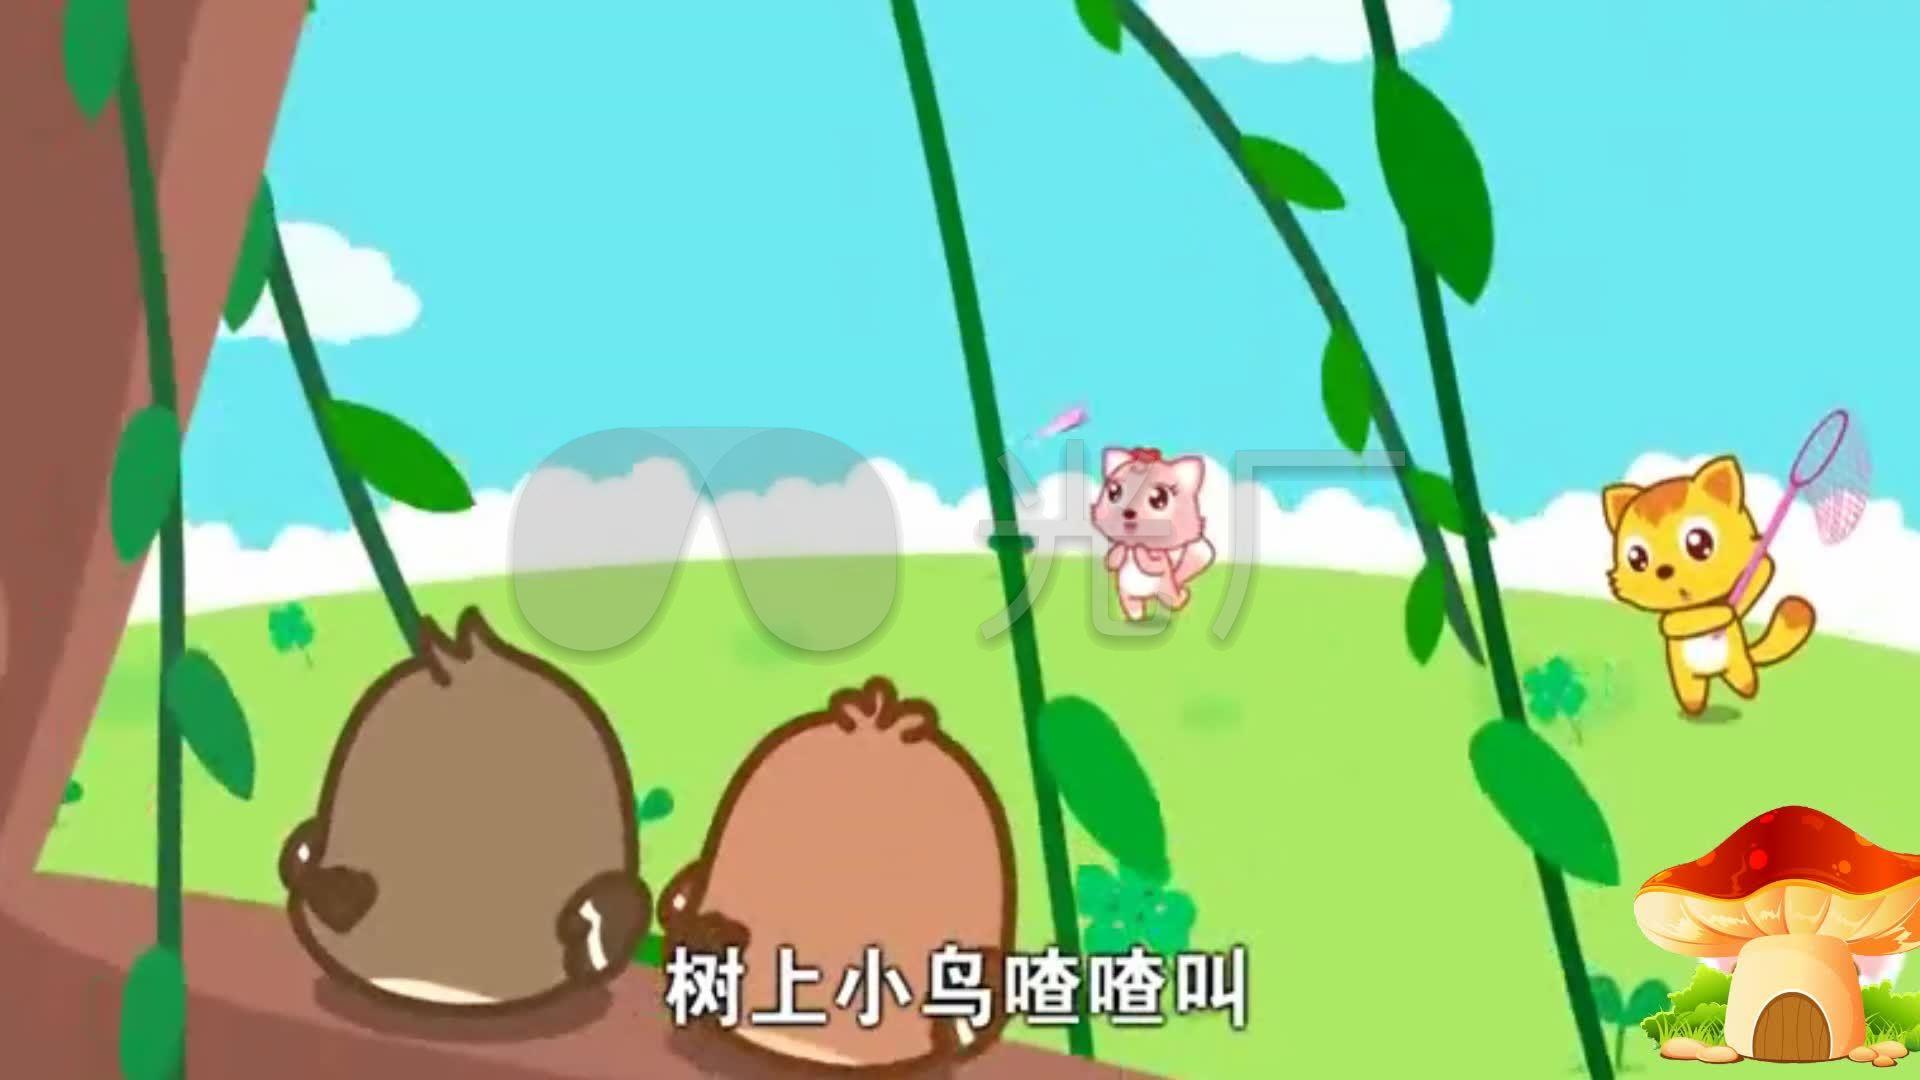 春天动画儿歌_1920X1080_高清视频素材下载